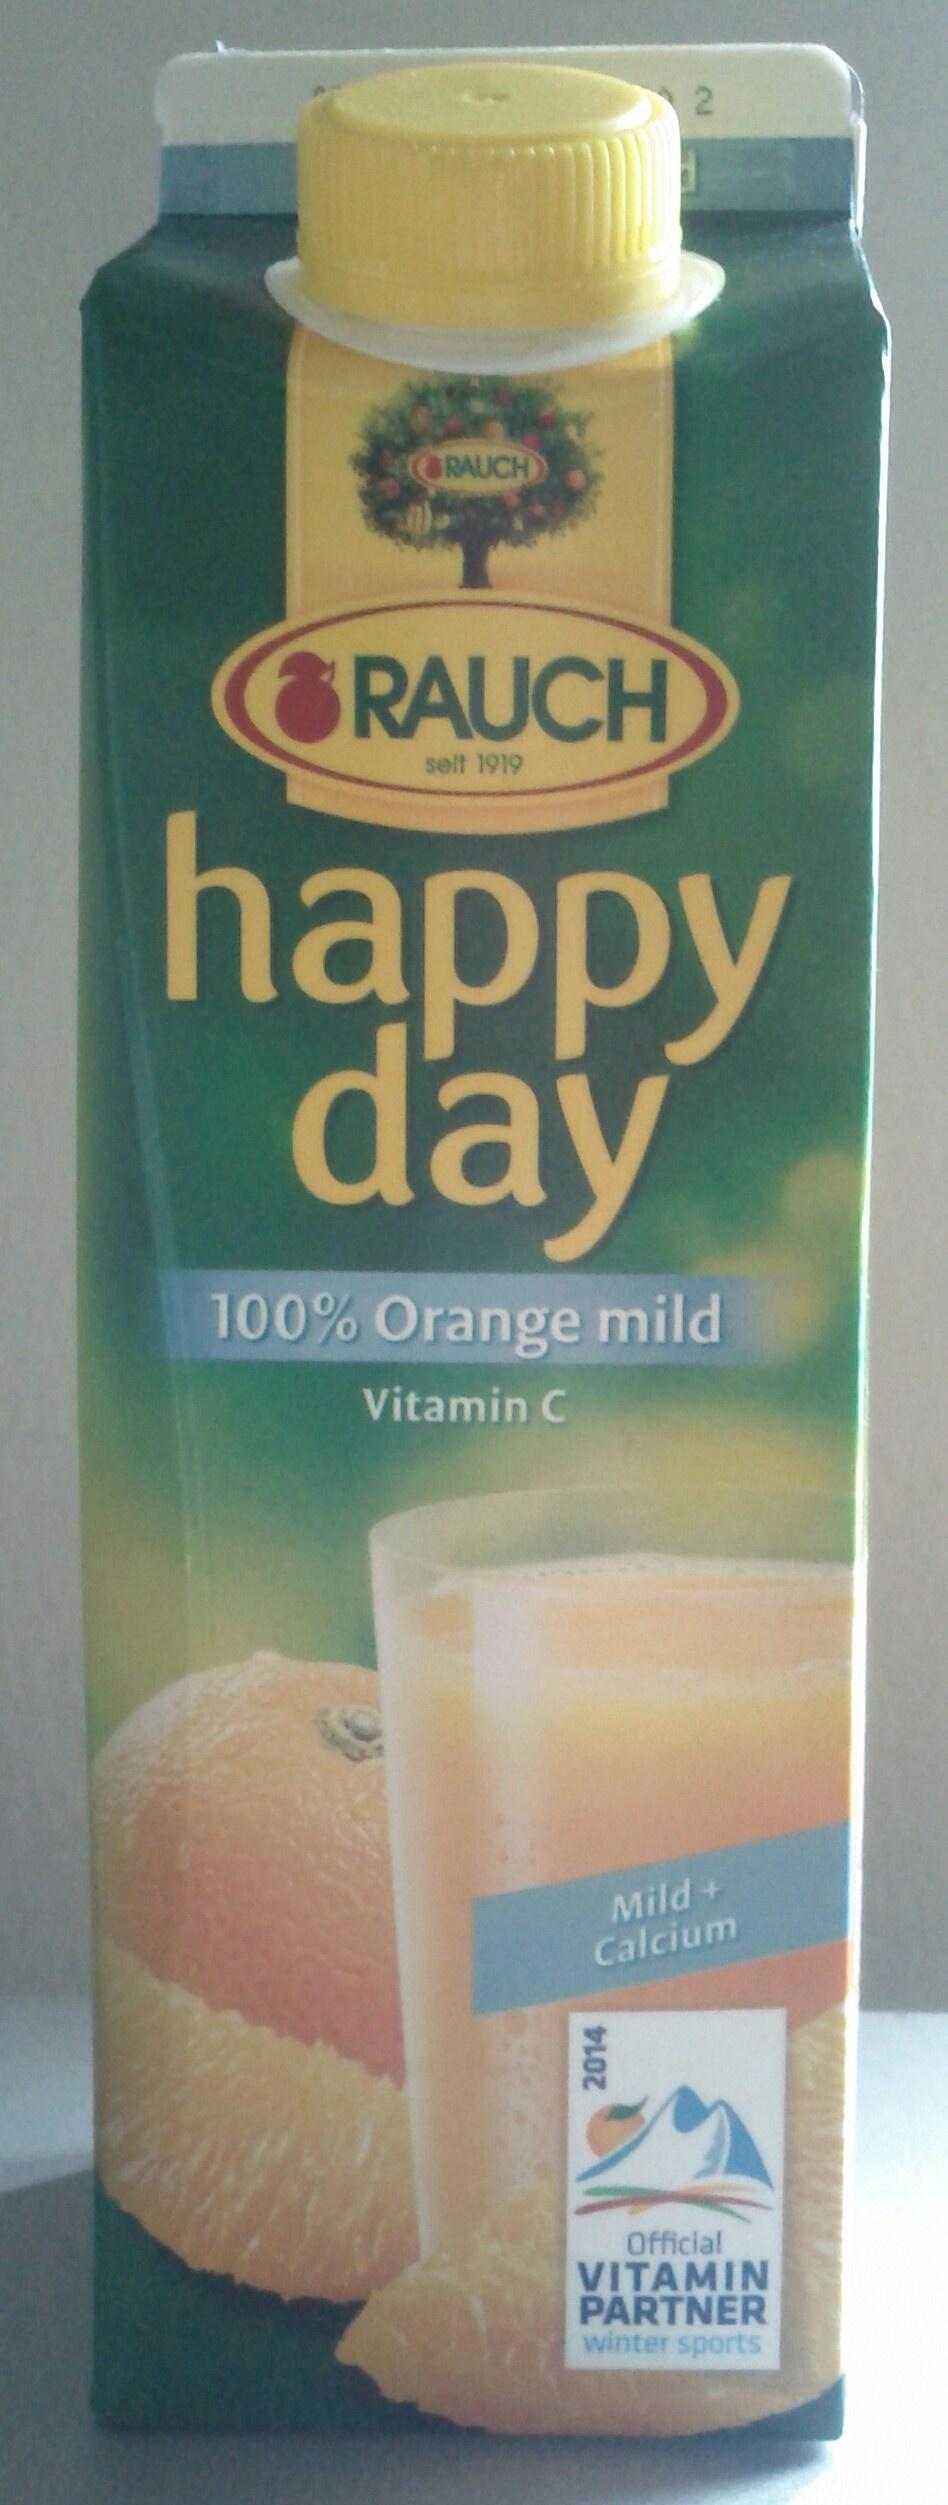 Happy day 100% Orange - Product